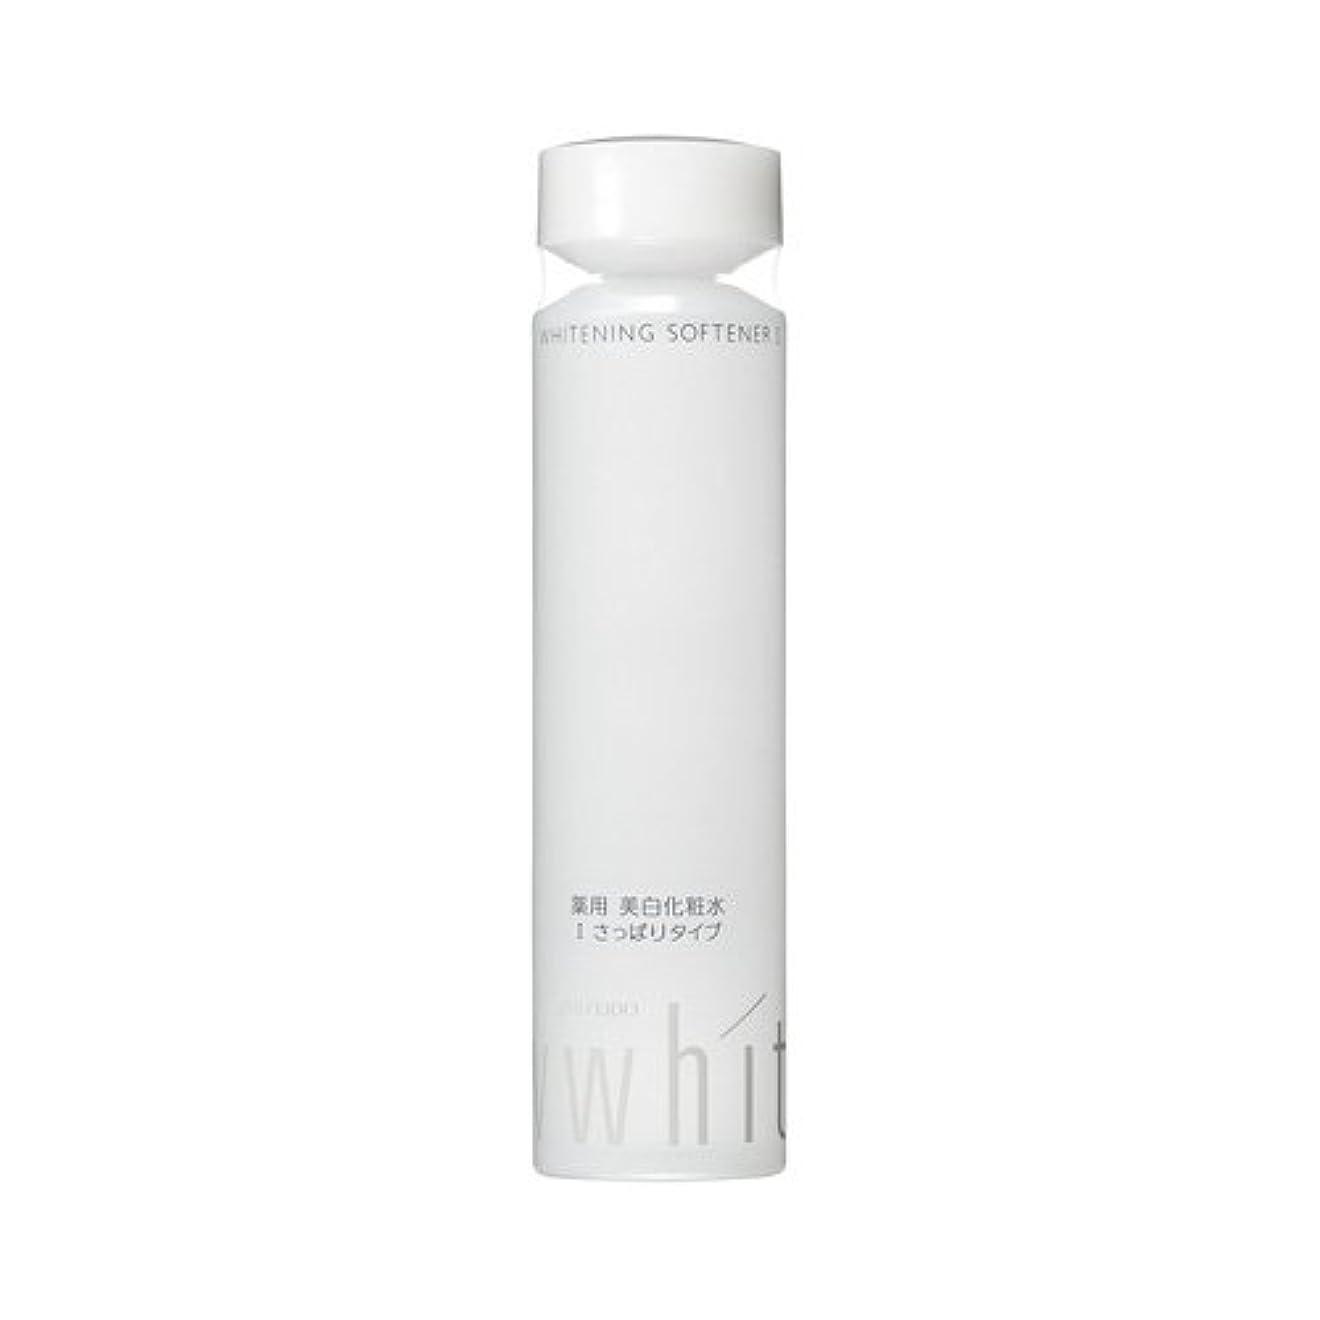 訪問ブレス流用する【資生堂】UVホワイト ホワイトニングソフナー1 150ml